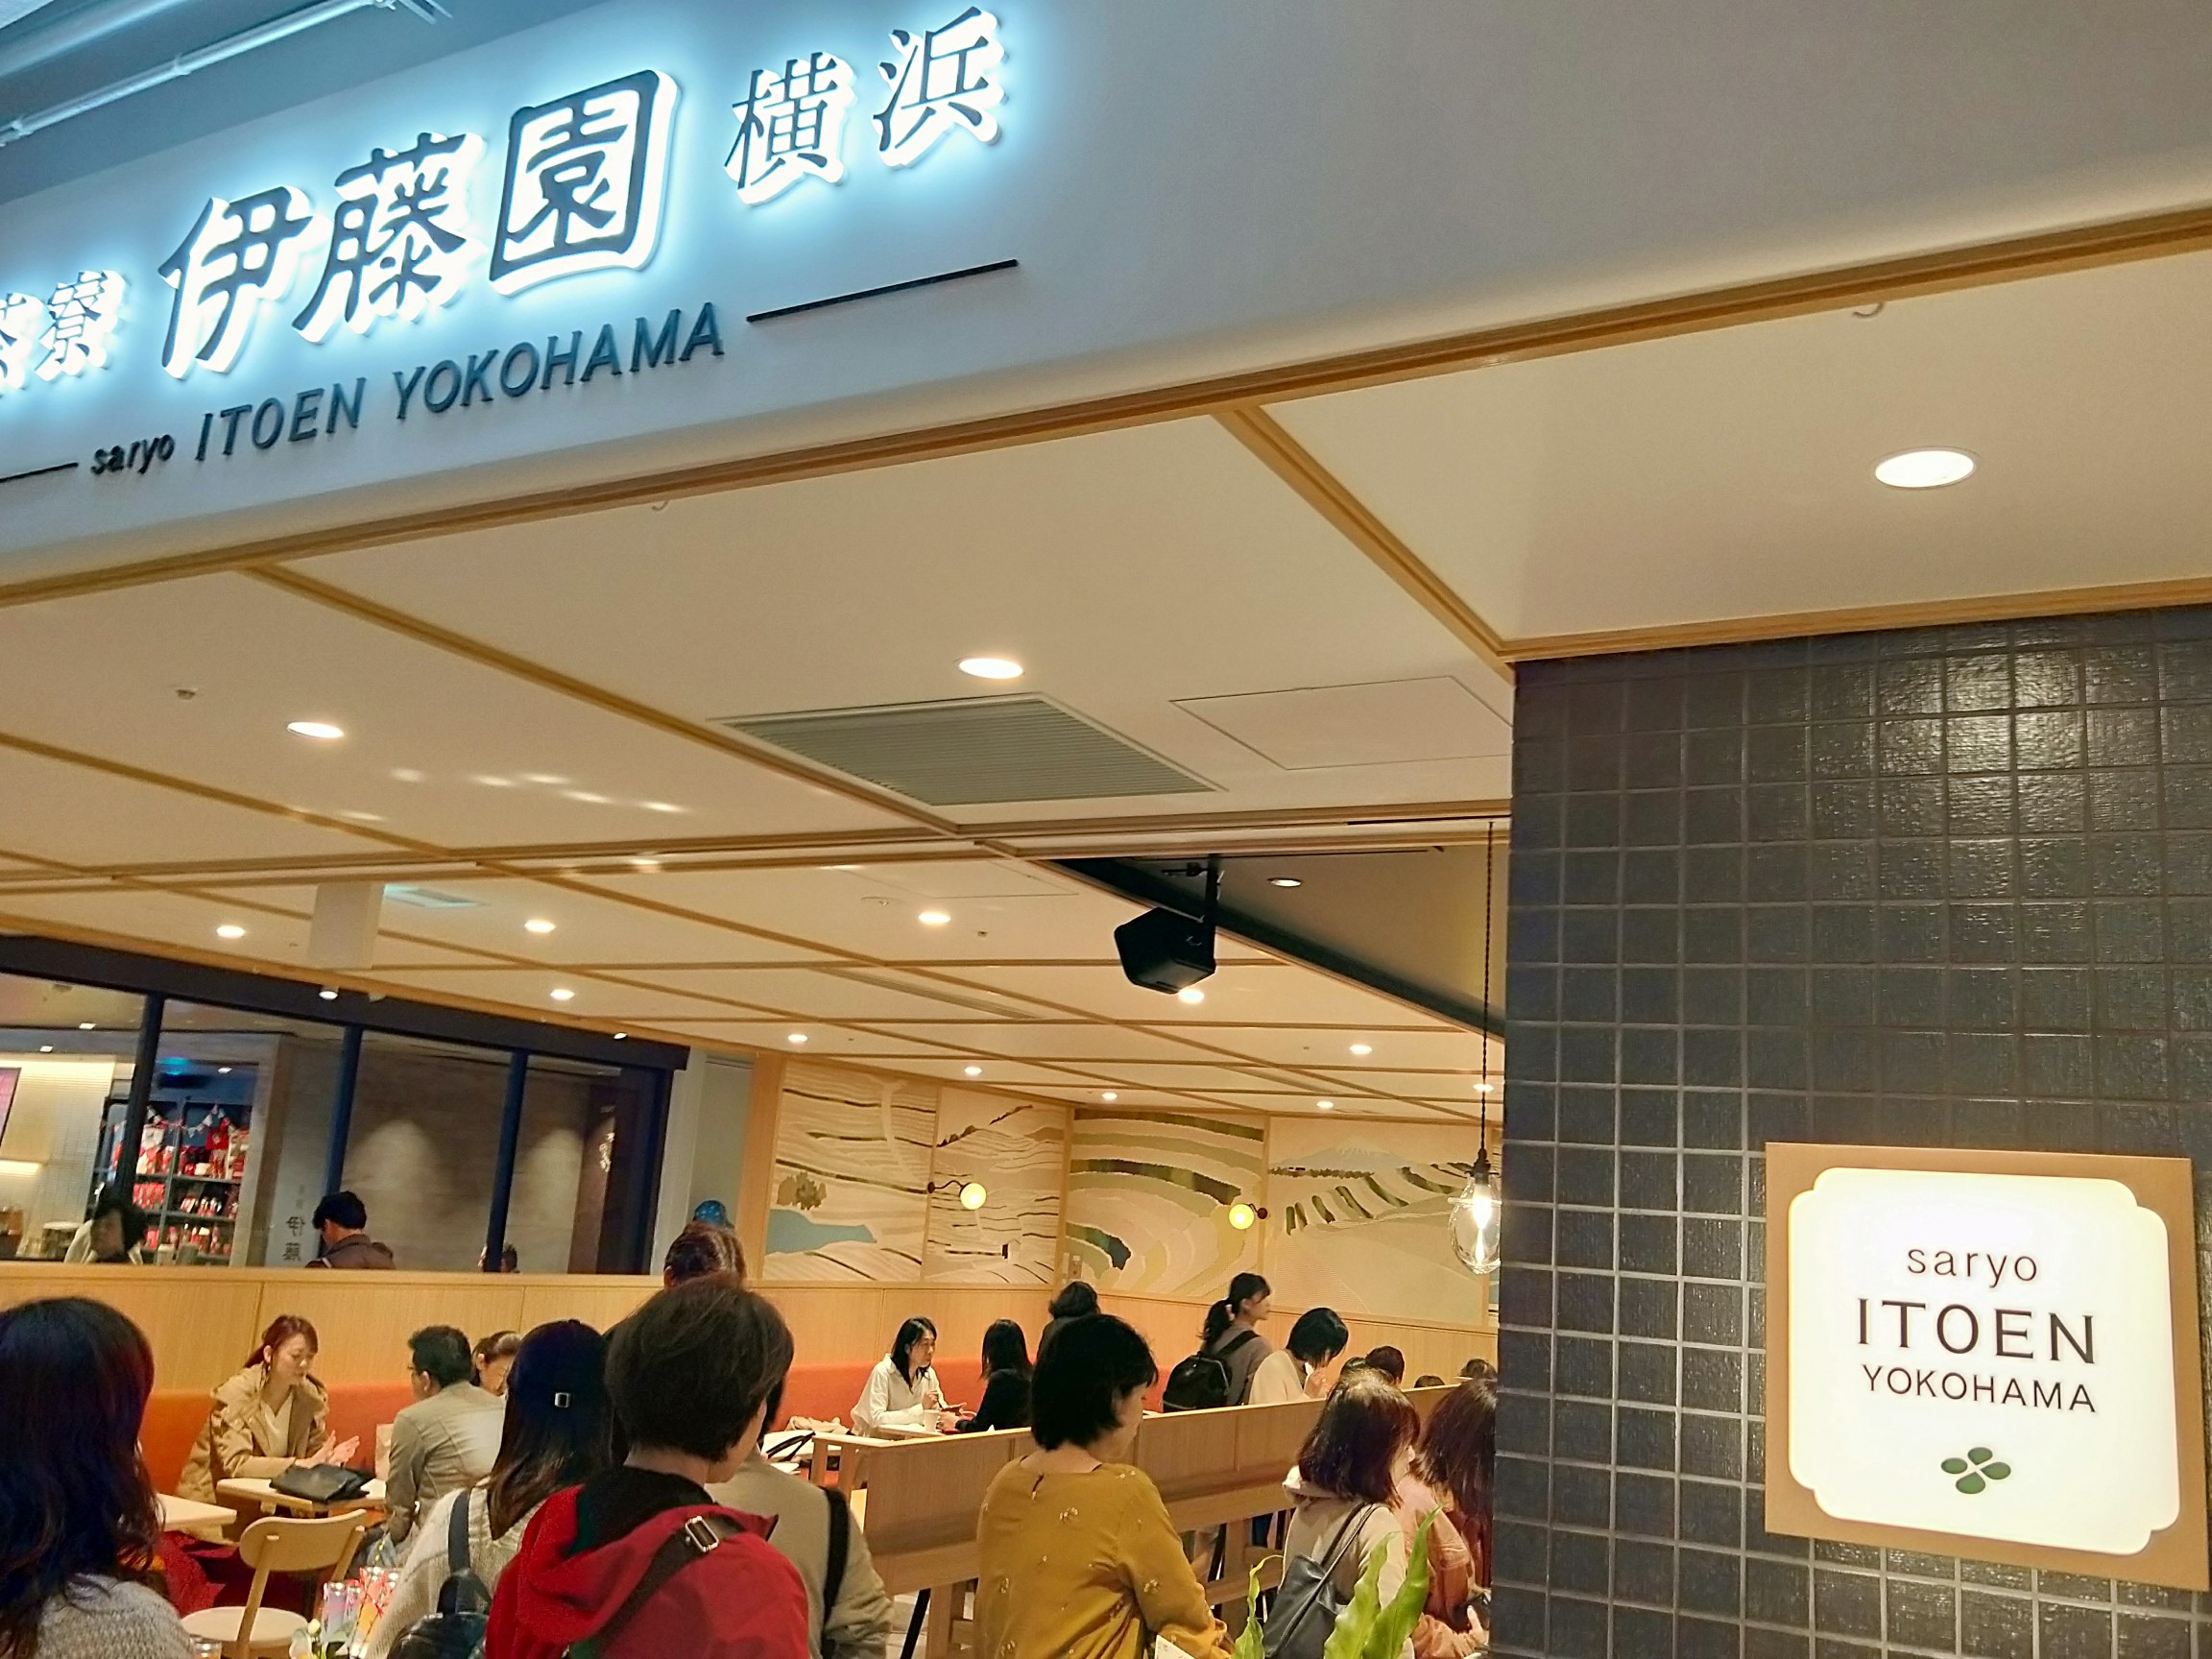 【横浜ハンマーヘッド】10月31日New Open!食をテーマにしたテーマパークへ潜入✨_13